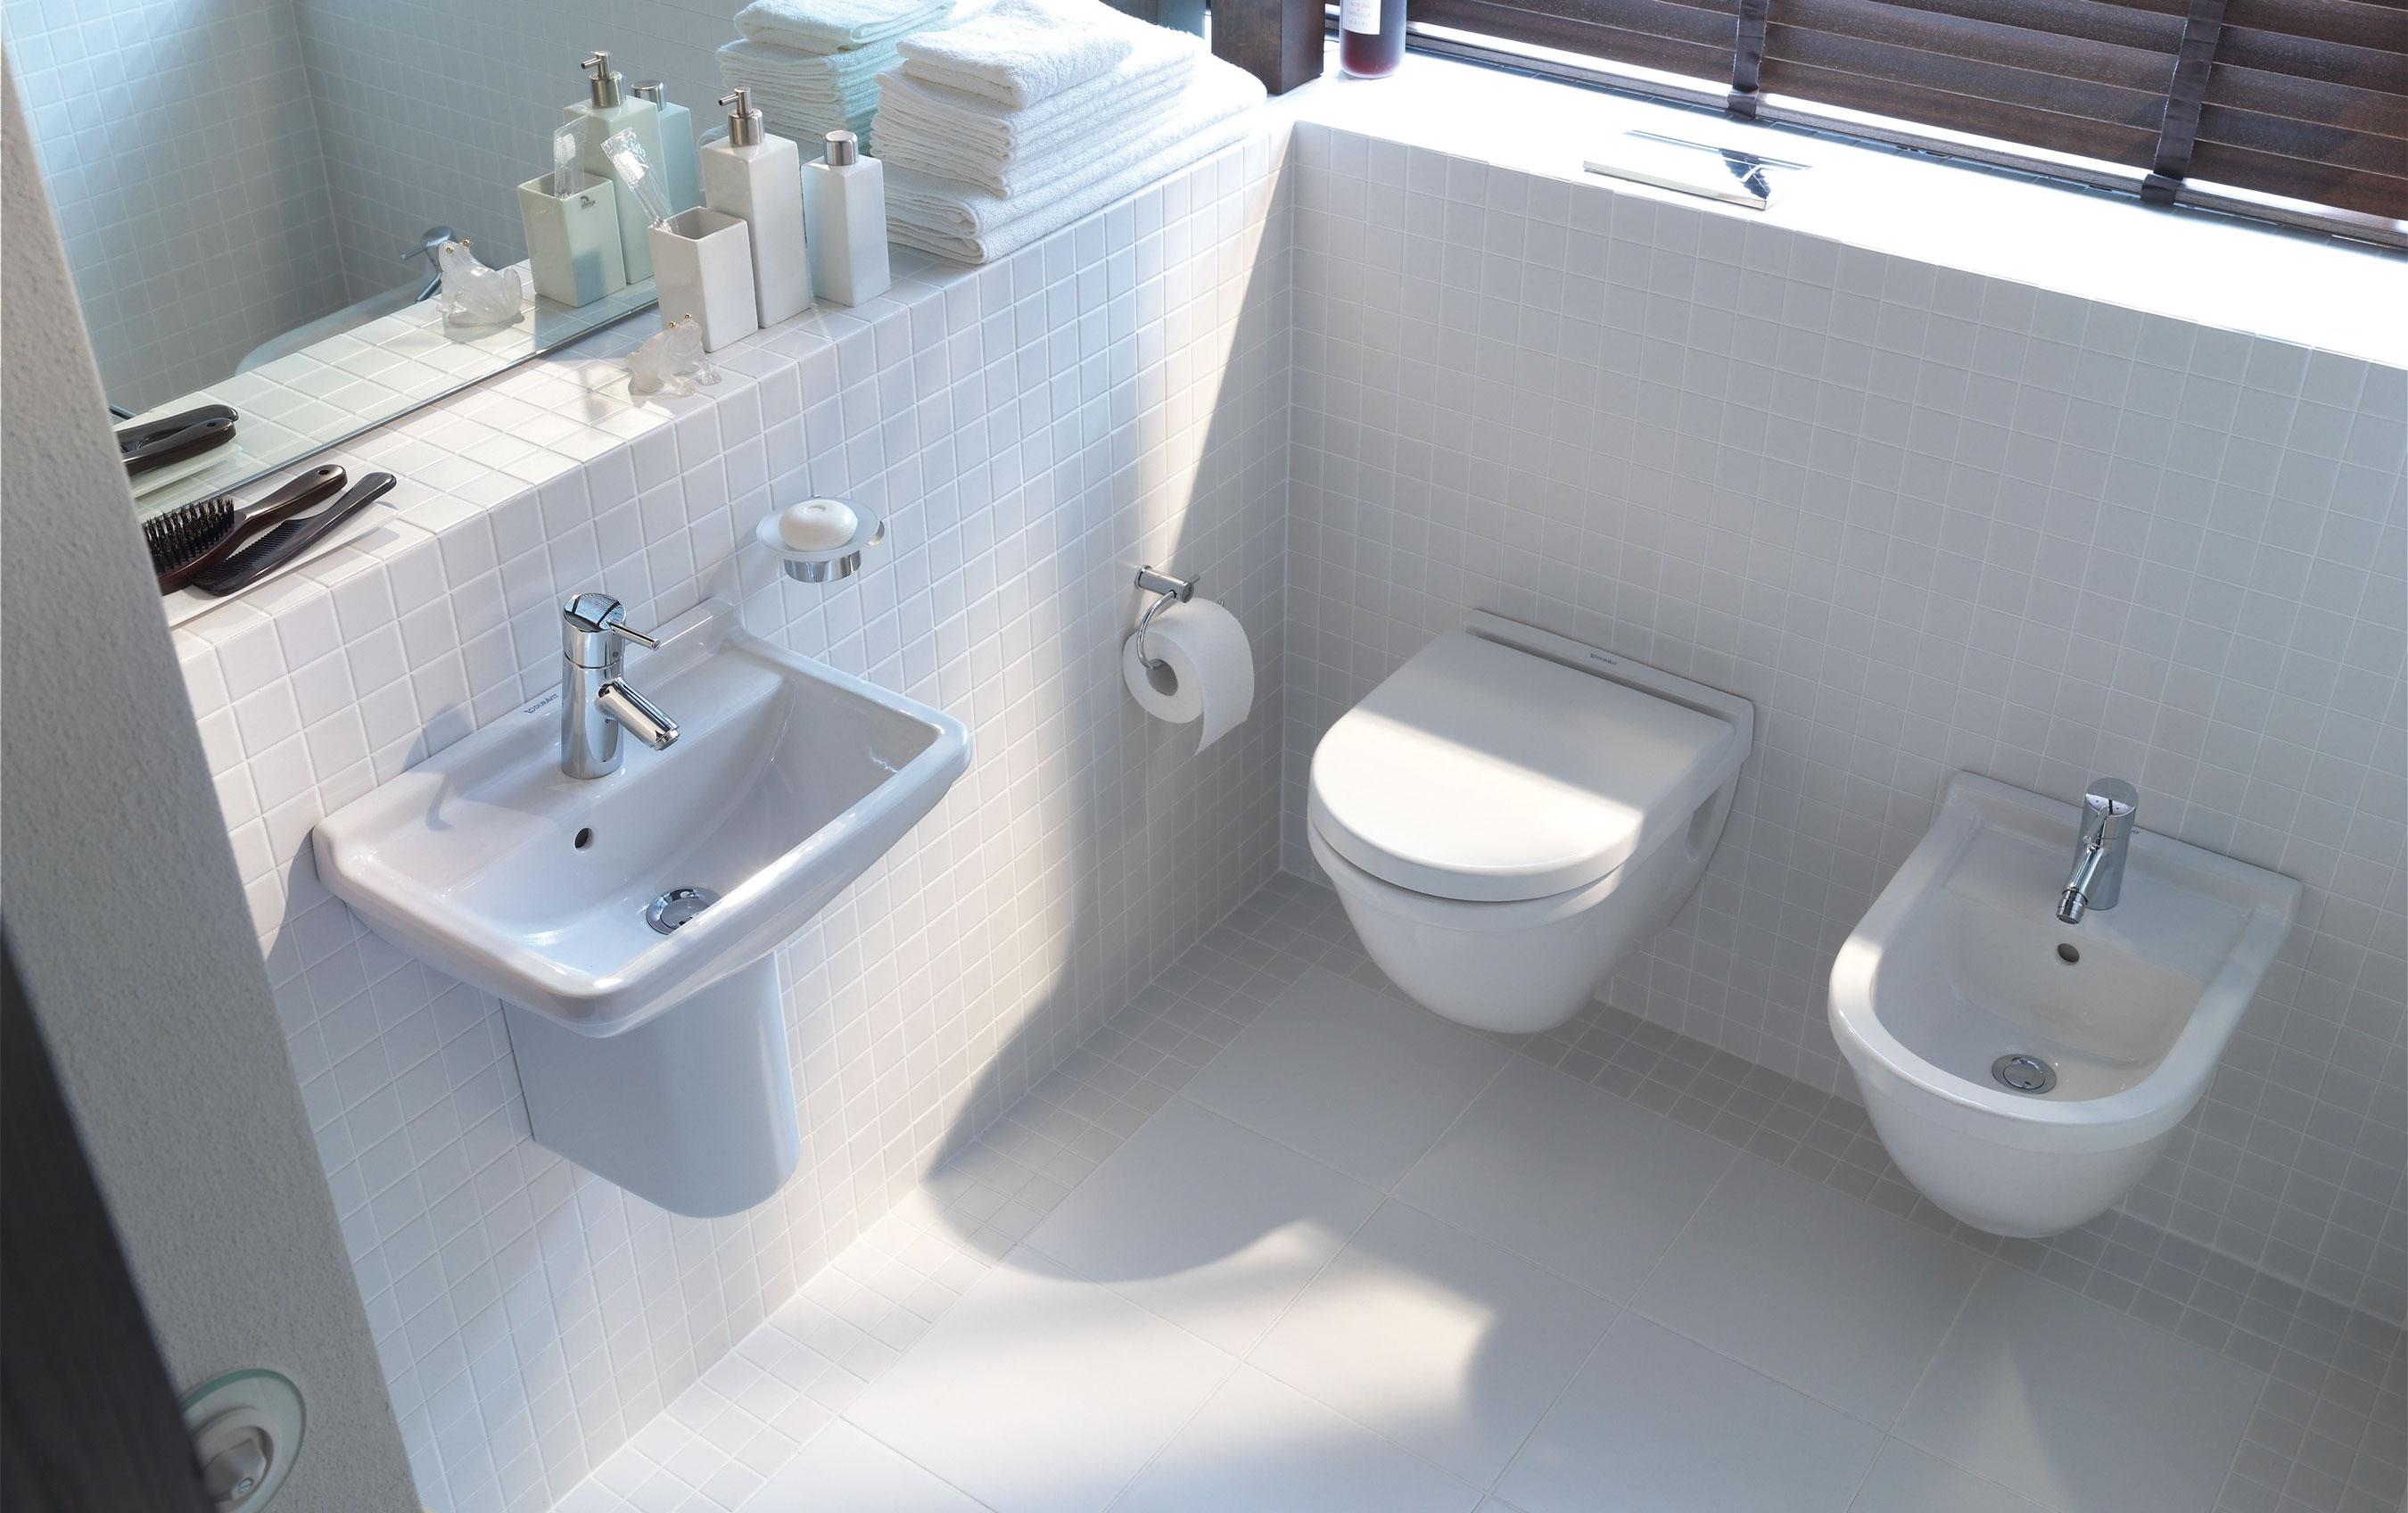 Storia del bidet un termine francese ma in francia non si usa - Come sbiancare i sanitari del bagno ...